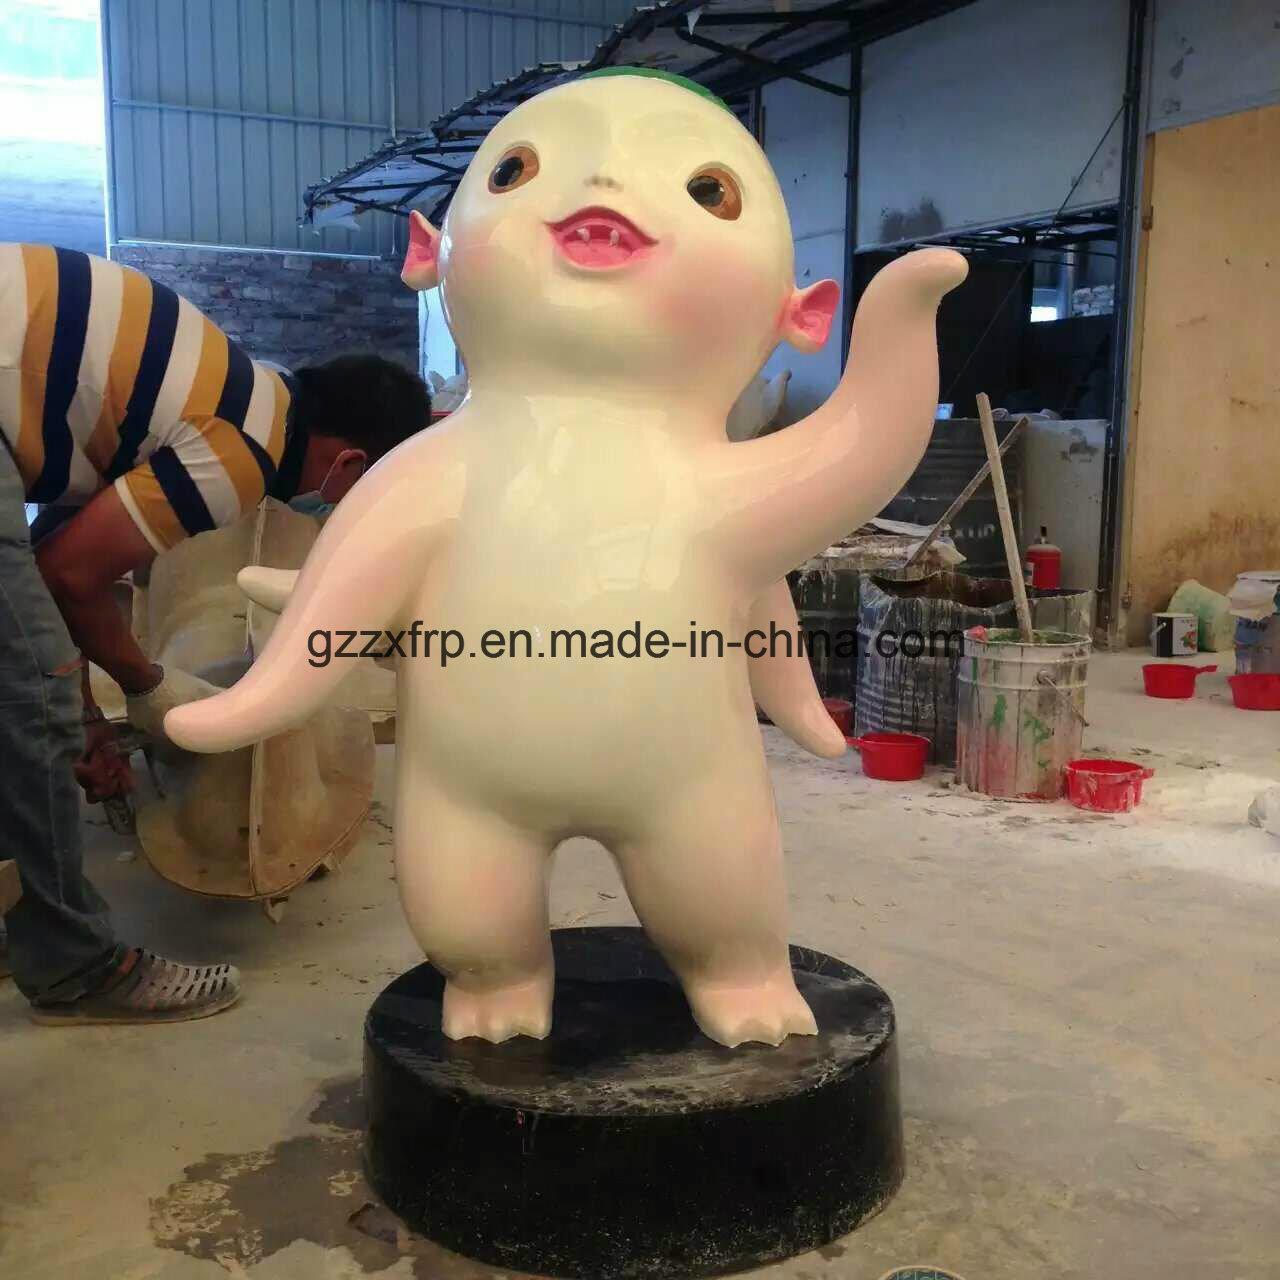 FRP/Fiberglass Hand Lay-up Handicraft/Cartoon Figures